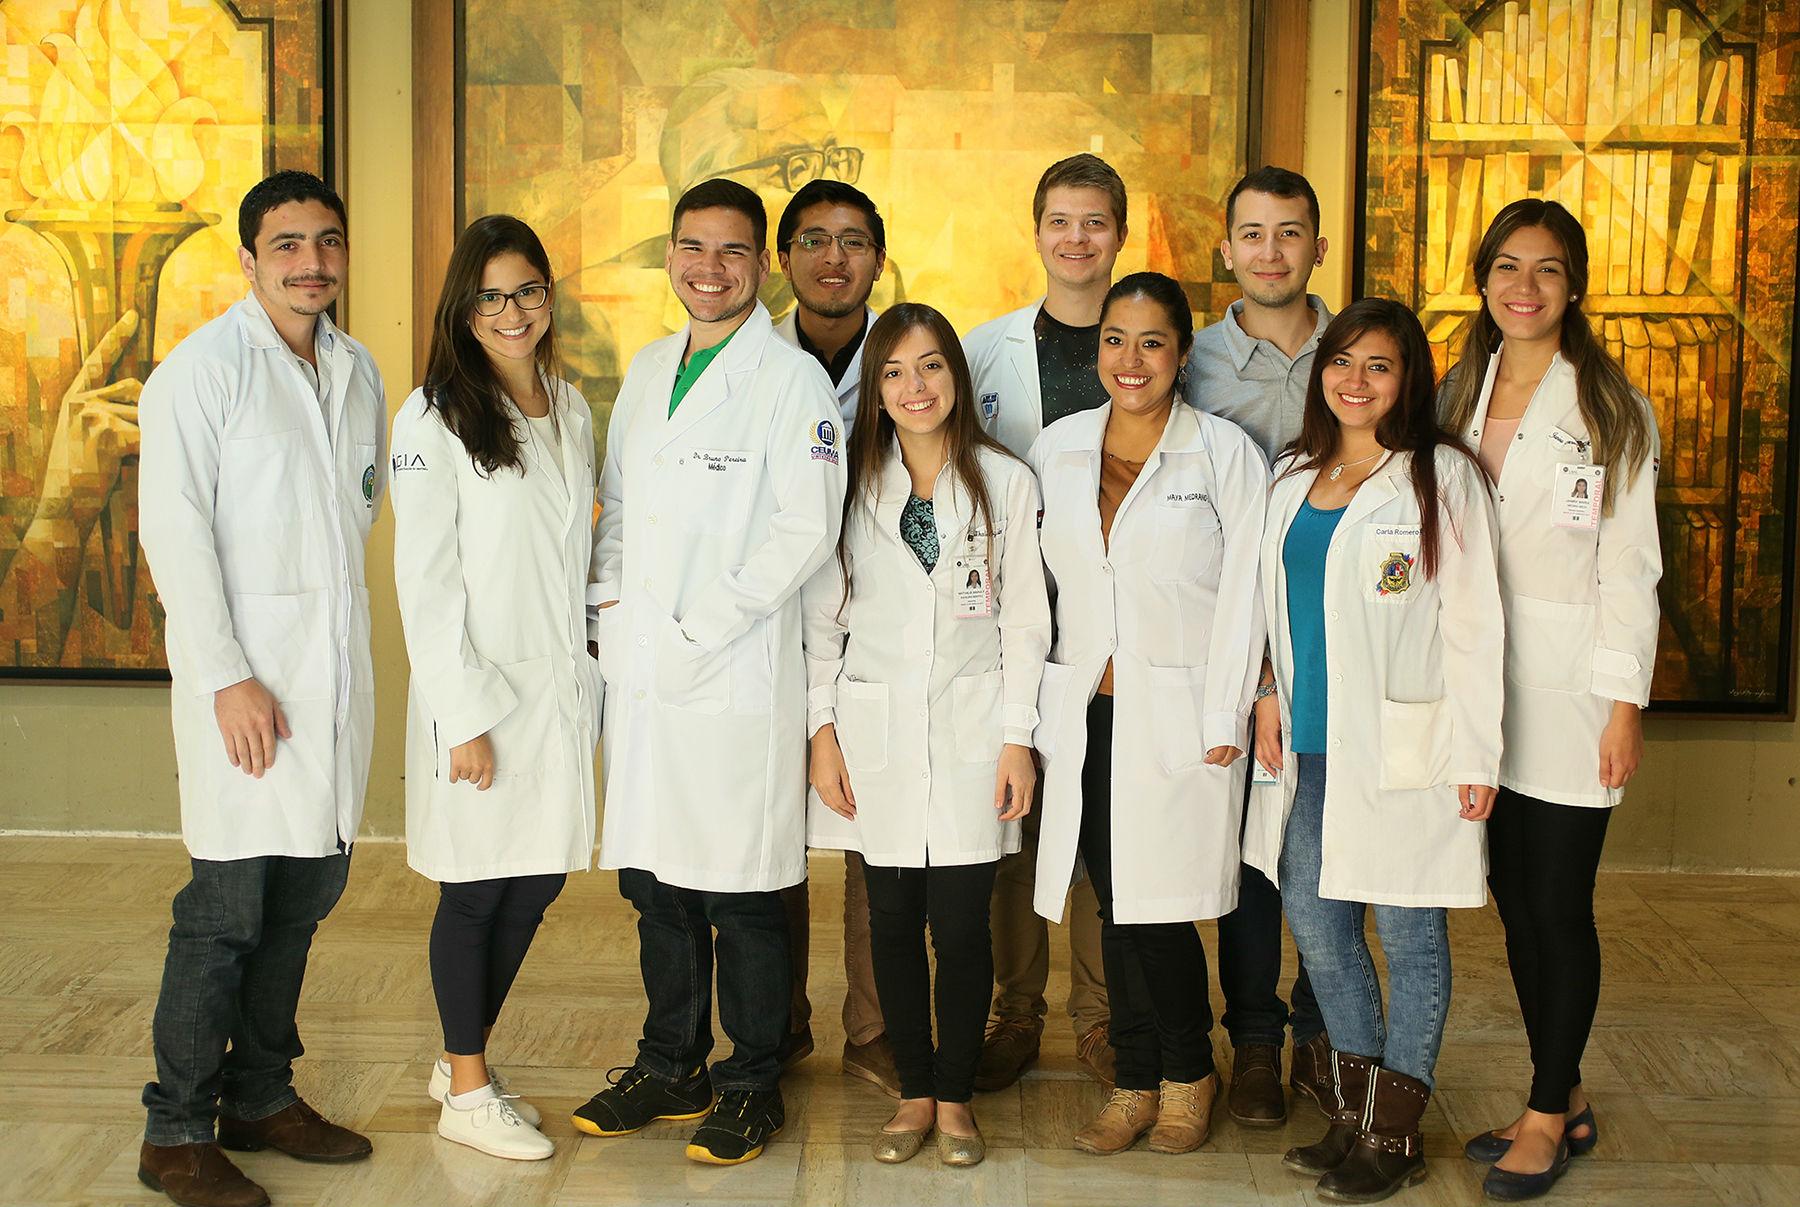 Estudiantes nacionales y extranjeros que harán estancia en la Facultad de Medicina